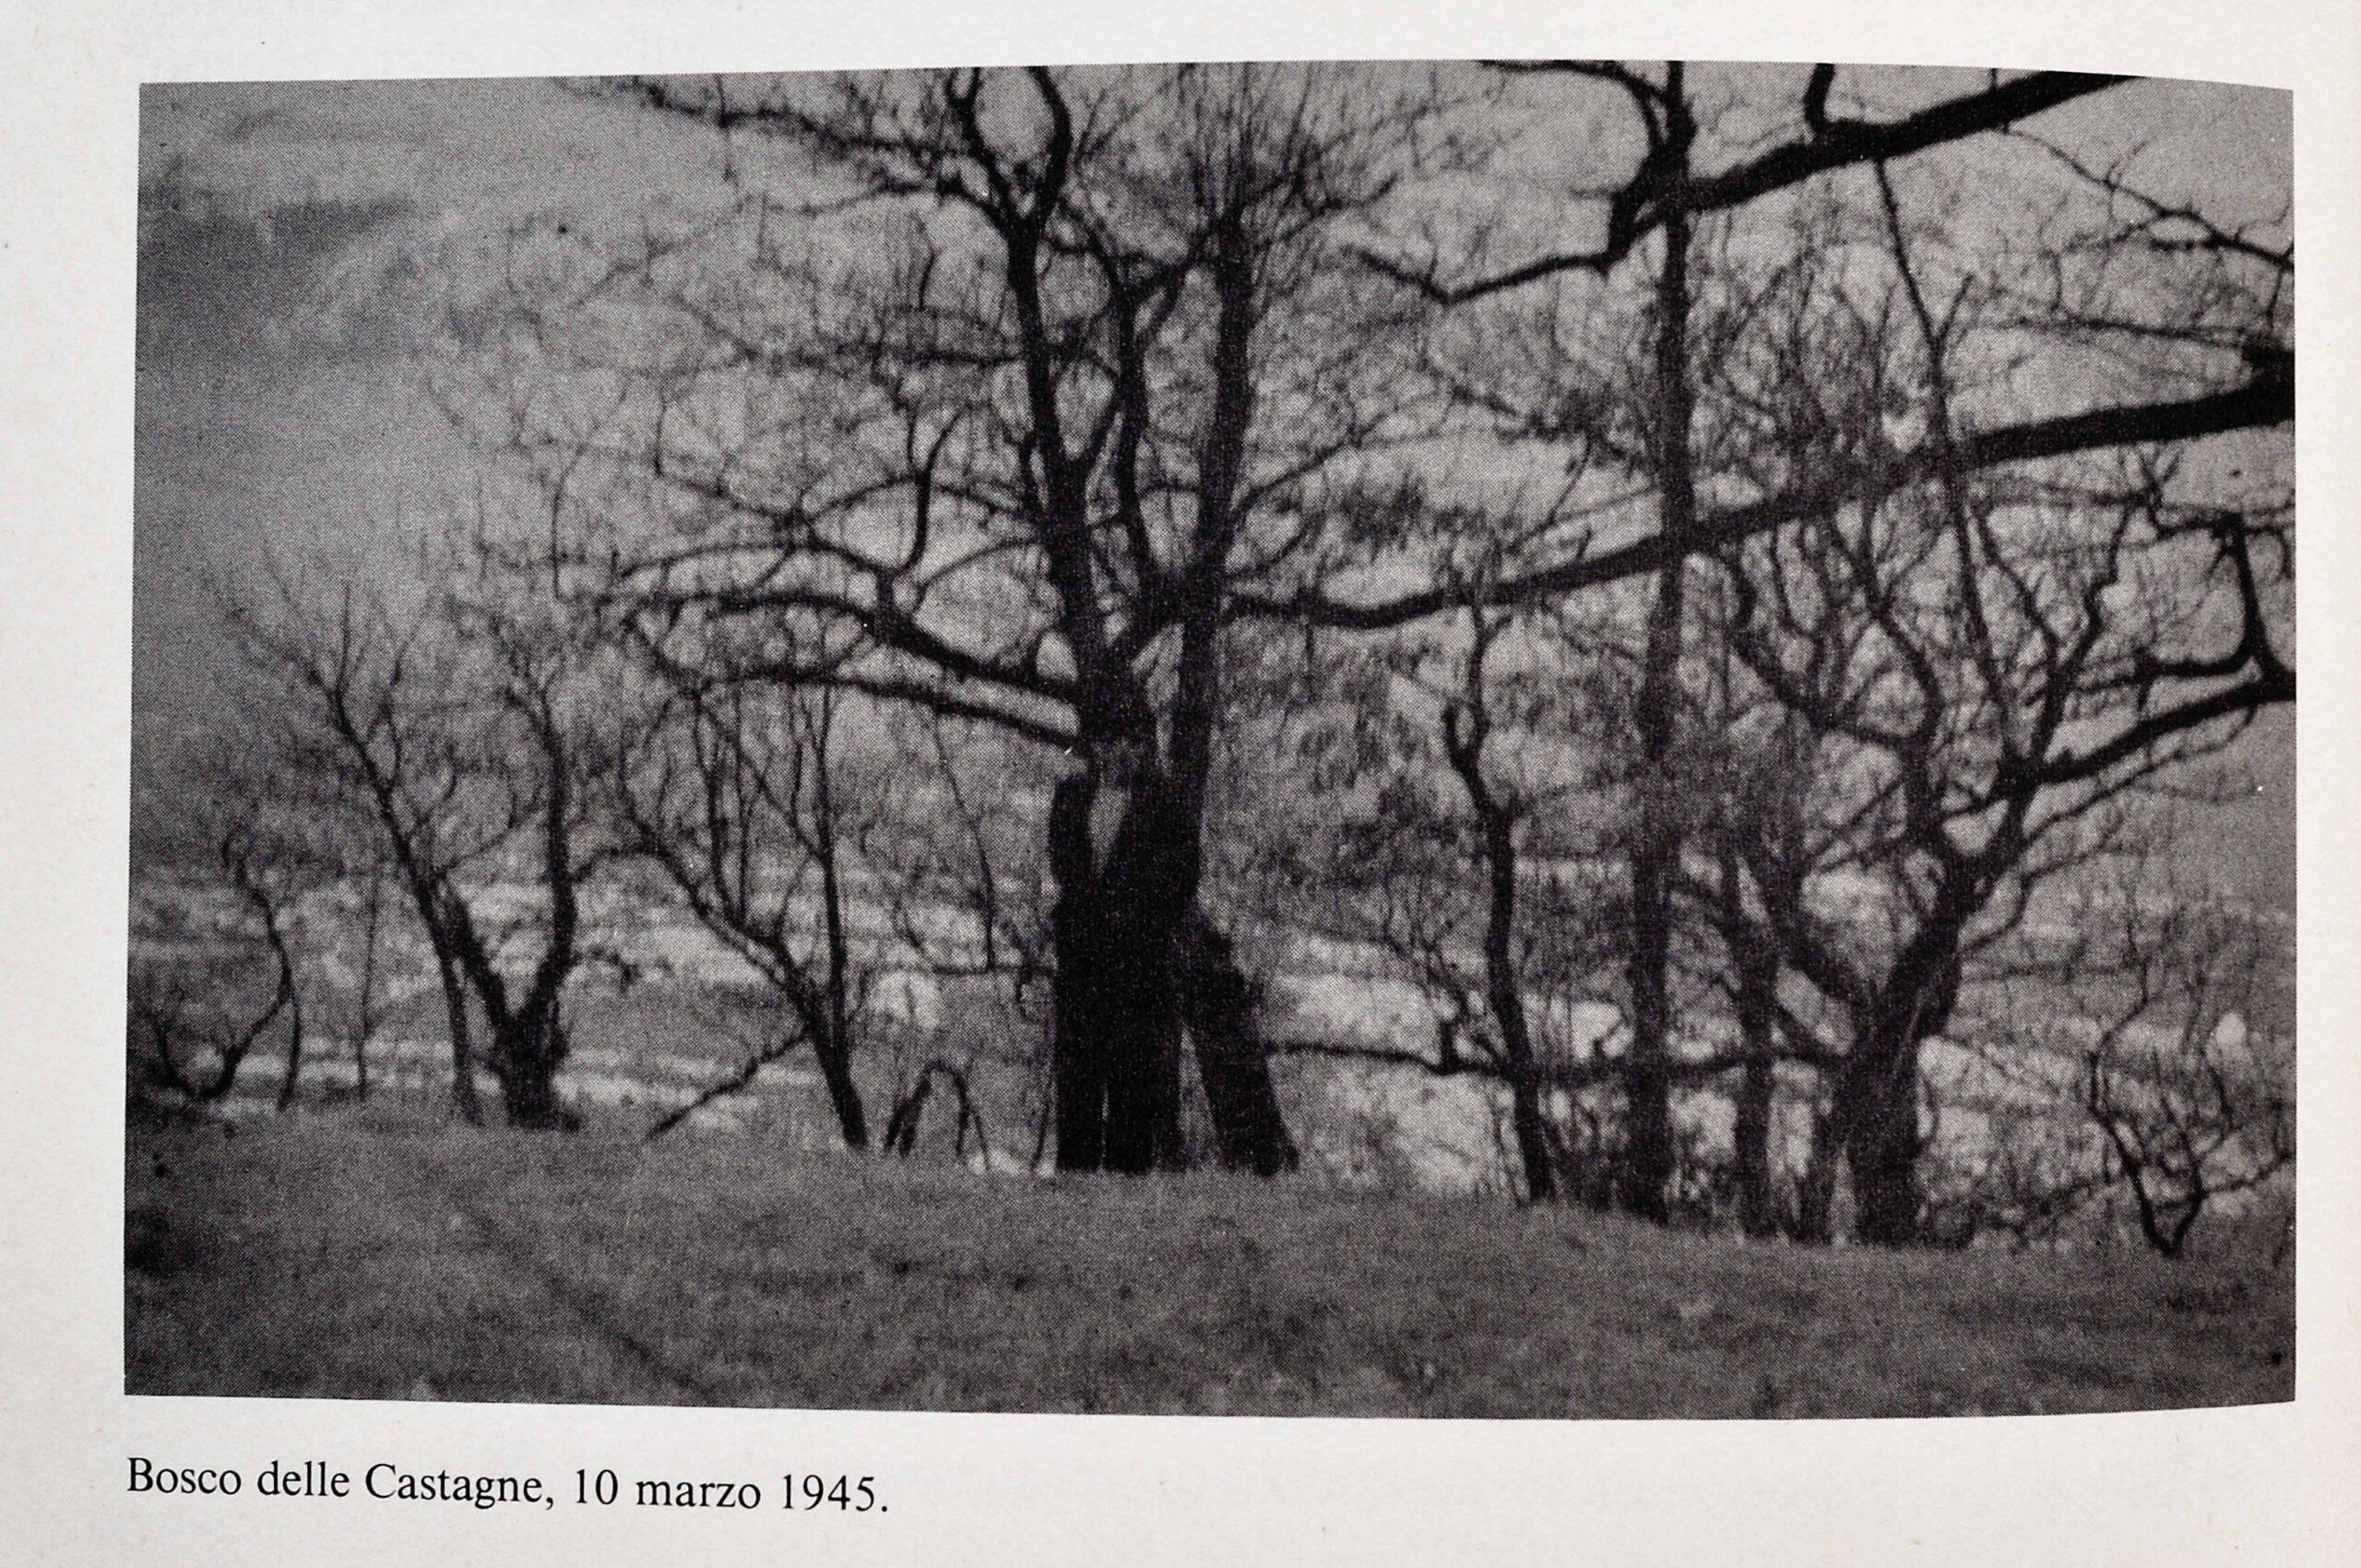 bosco delle castagne 1 scaled Bosco delle castagne: 10 marzo 1945